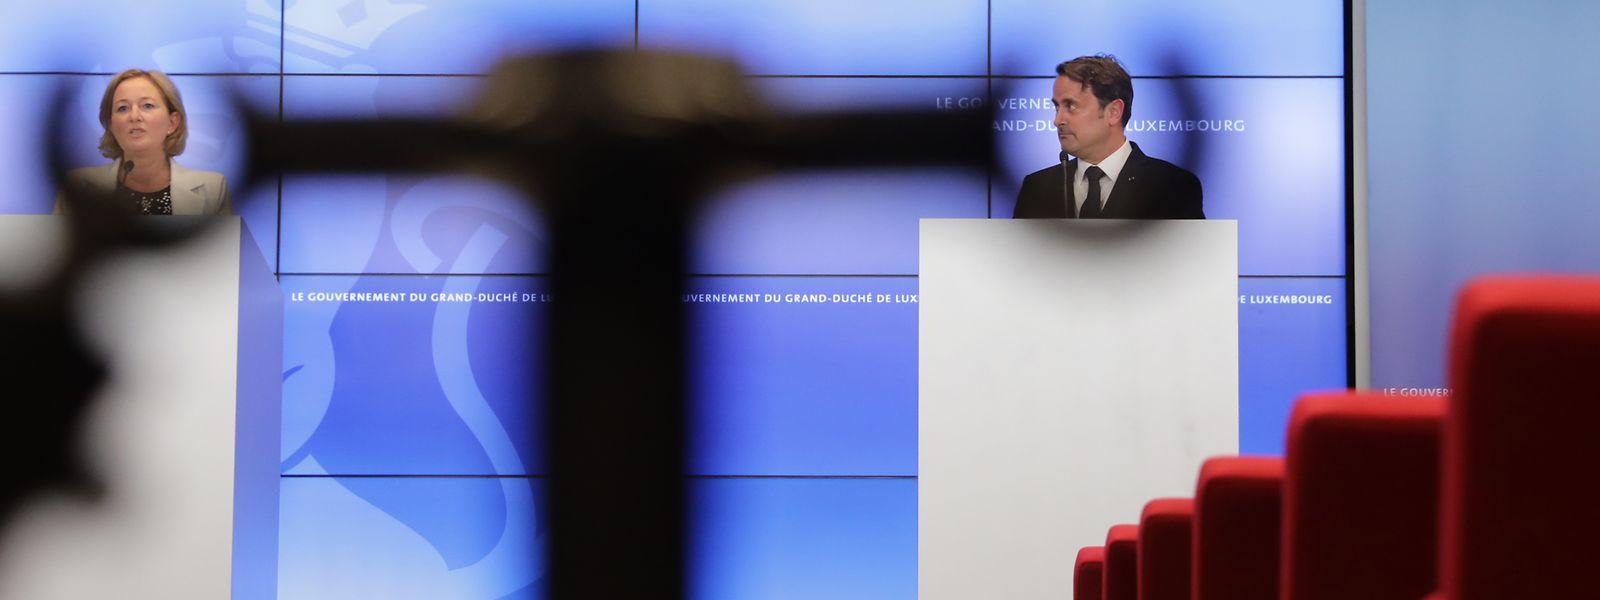 Outre la quarantaine de conférences de presse réalisée par les membres du gouvernement, la lutte contre la pandémie de covid-19 aura obligé l'exécutif à publier quelque 160 décisions au cours des trois derniers mois.